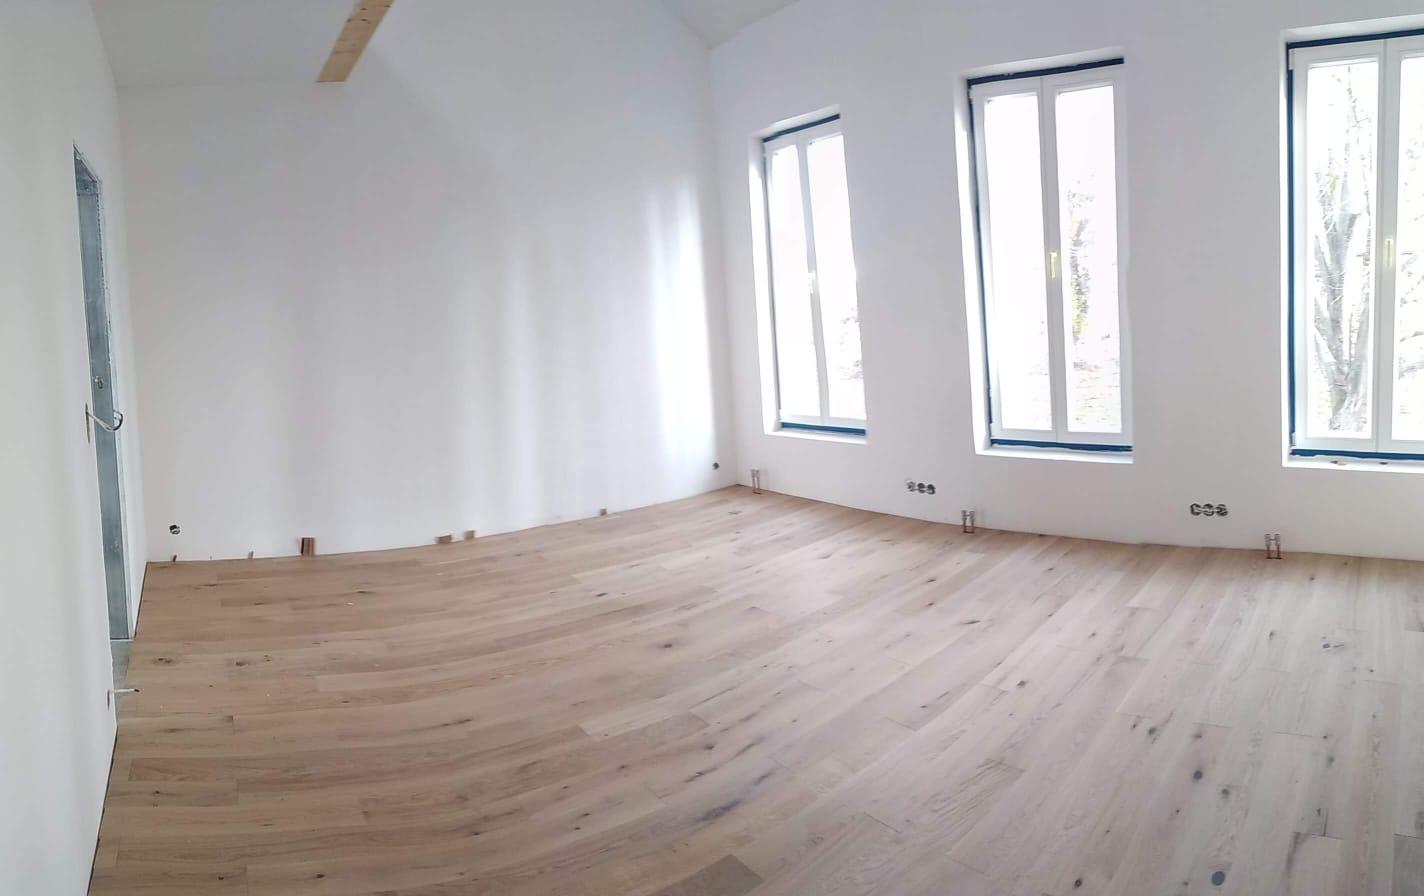 Ruina 2 - První místnost má svoji podlahu. Listopad.